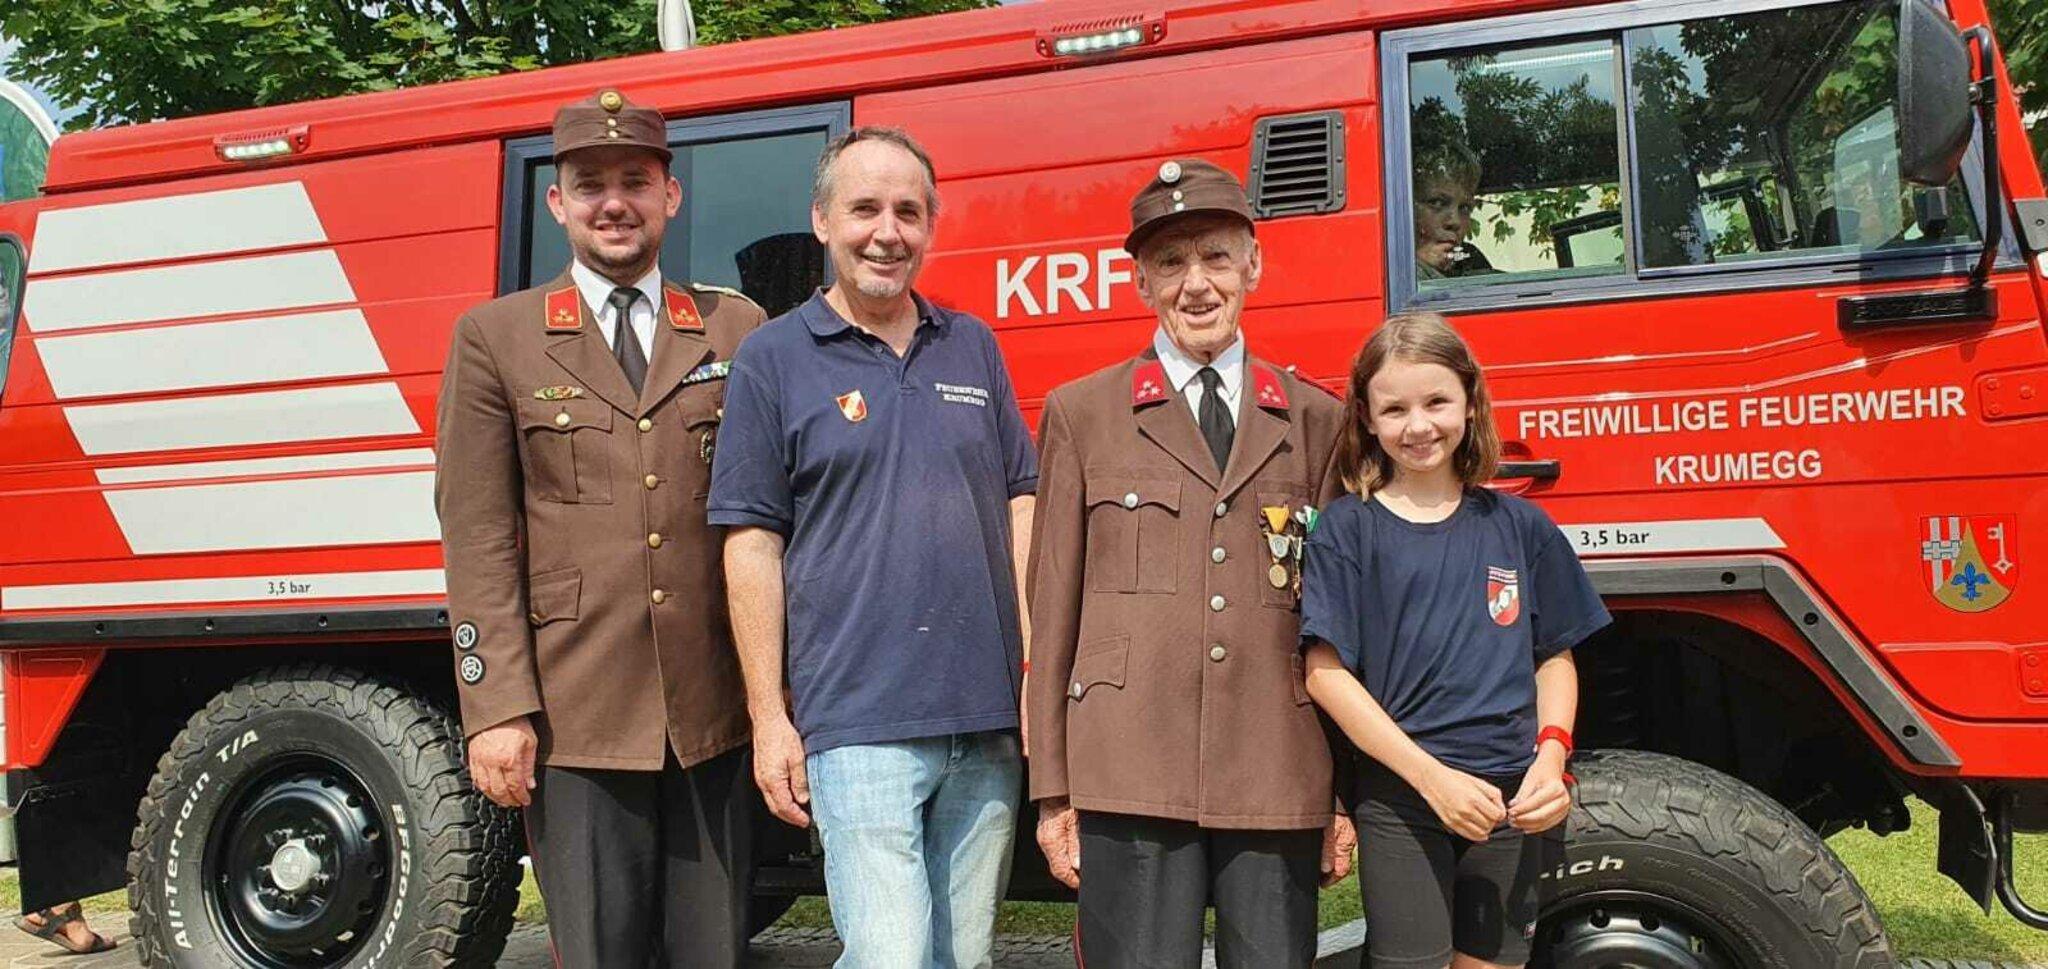 Vier-Generationen-bei-der-Feuerwehr-Krumegg